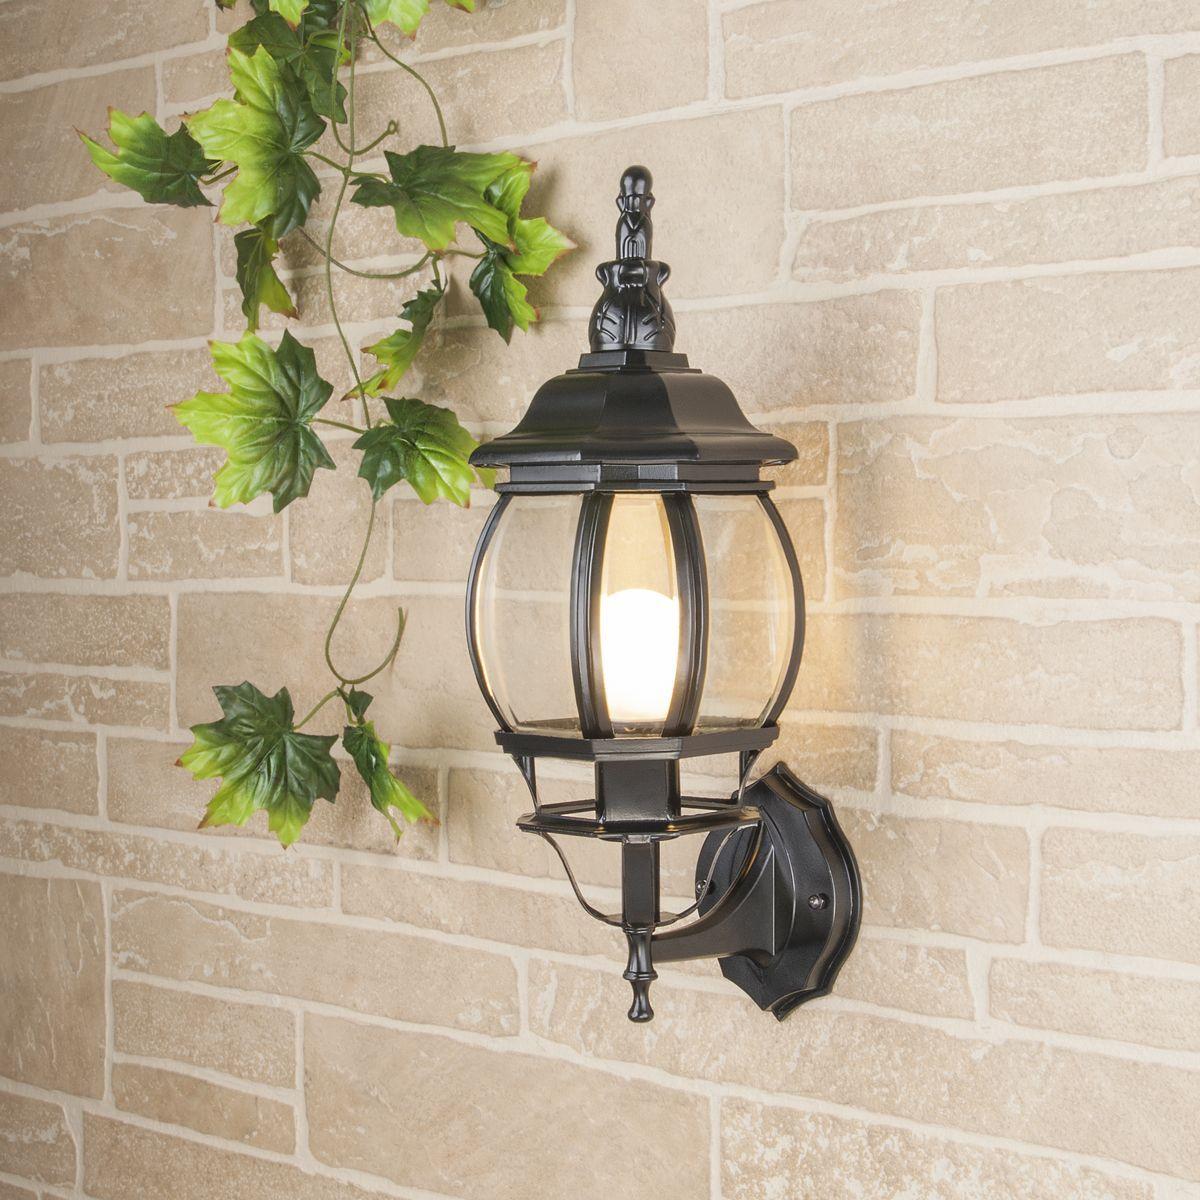 Уличный настенный светильник GL 1001U черный IP33 GL 1001U черный